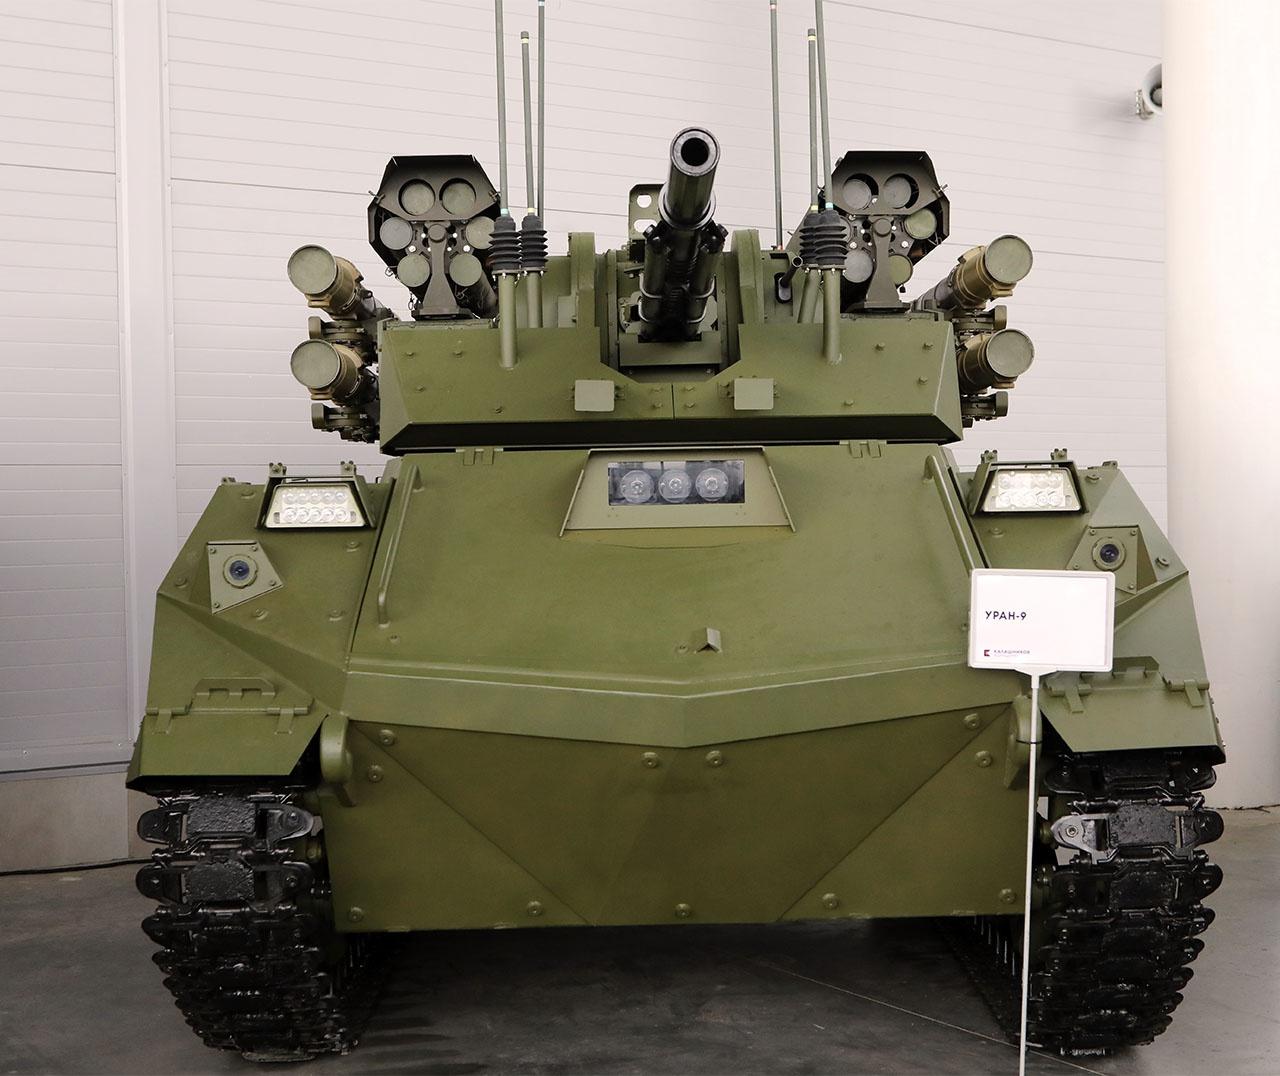 Боевой робот «Уран-9»,вооружённый 30-мм пушкой, 7,62-мм пулемётом, несколькими ПТРК «Атака» и огнемётами «Шмель-М», был испытан в ходе боевых действий в Сирии.